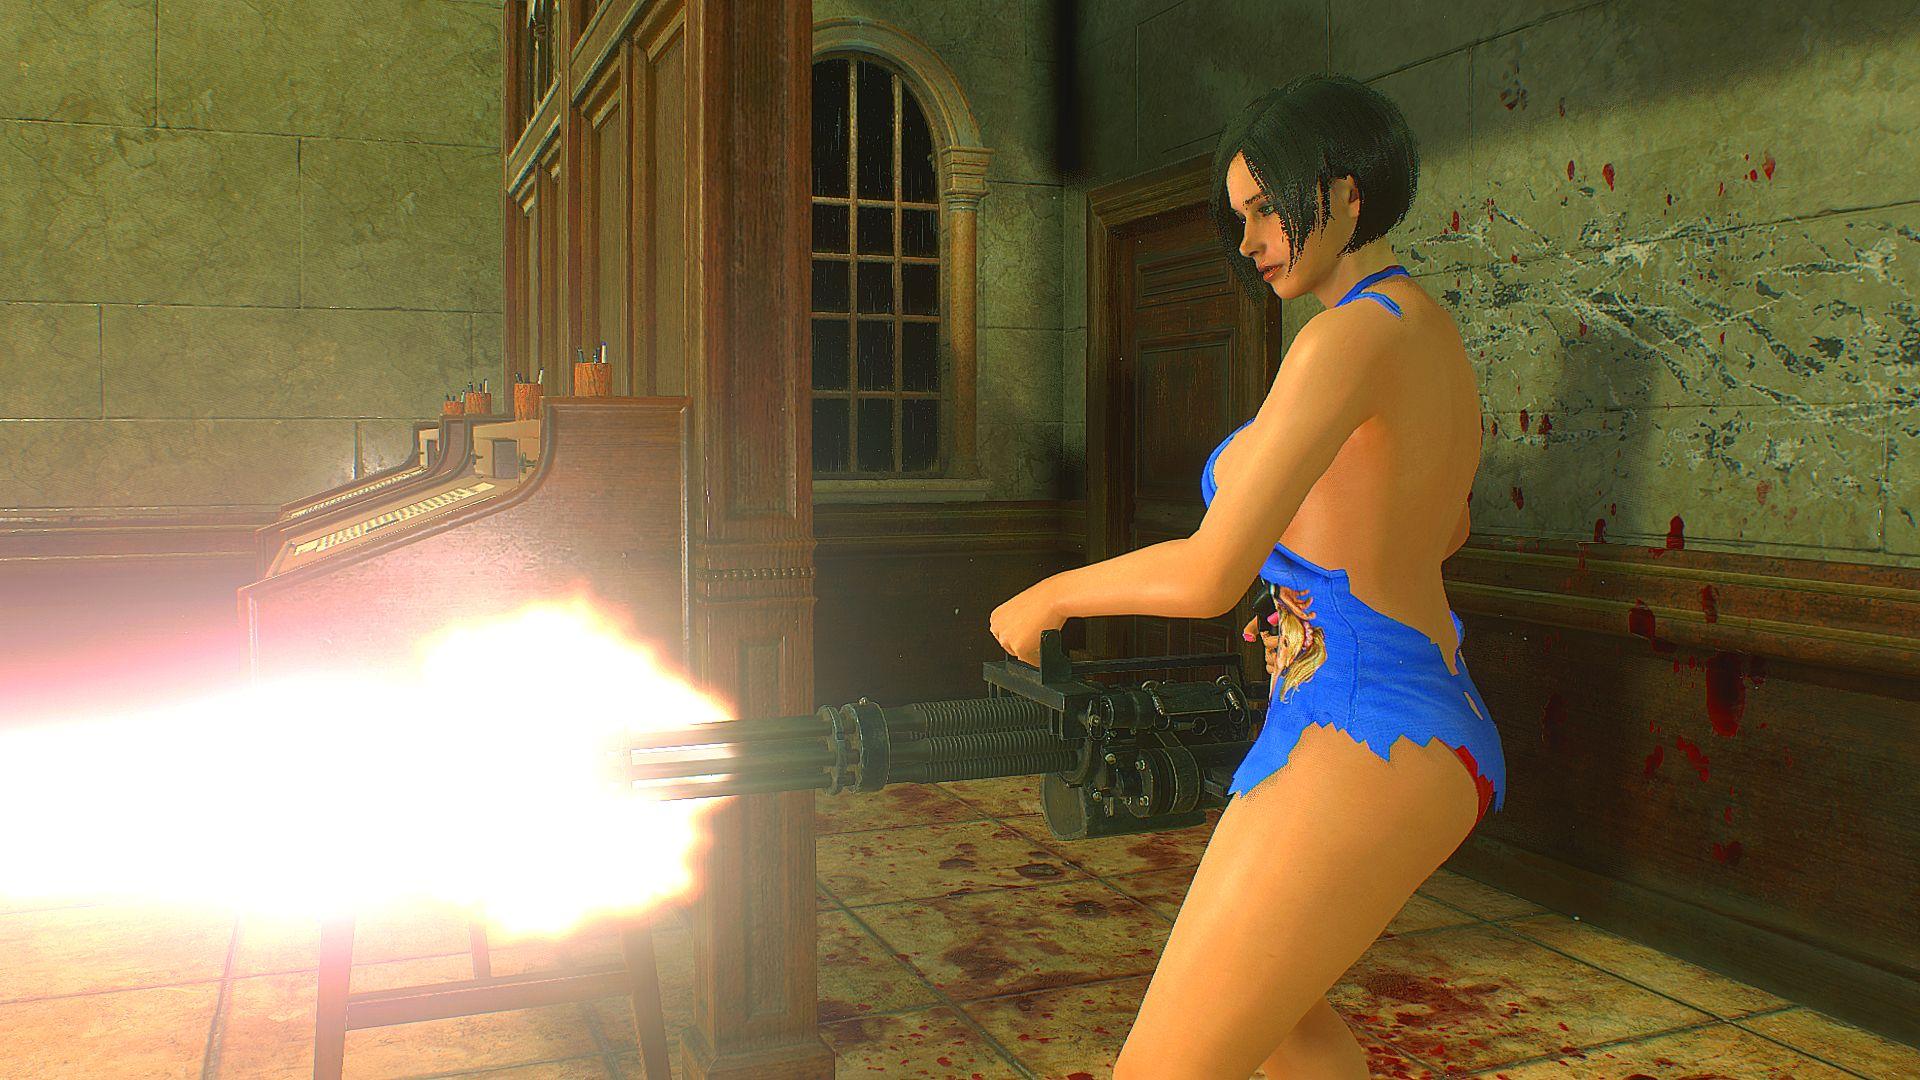 001296.Jpg - Resident Evil 2